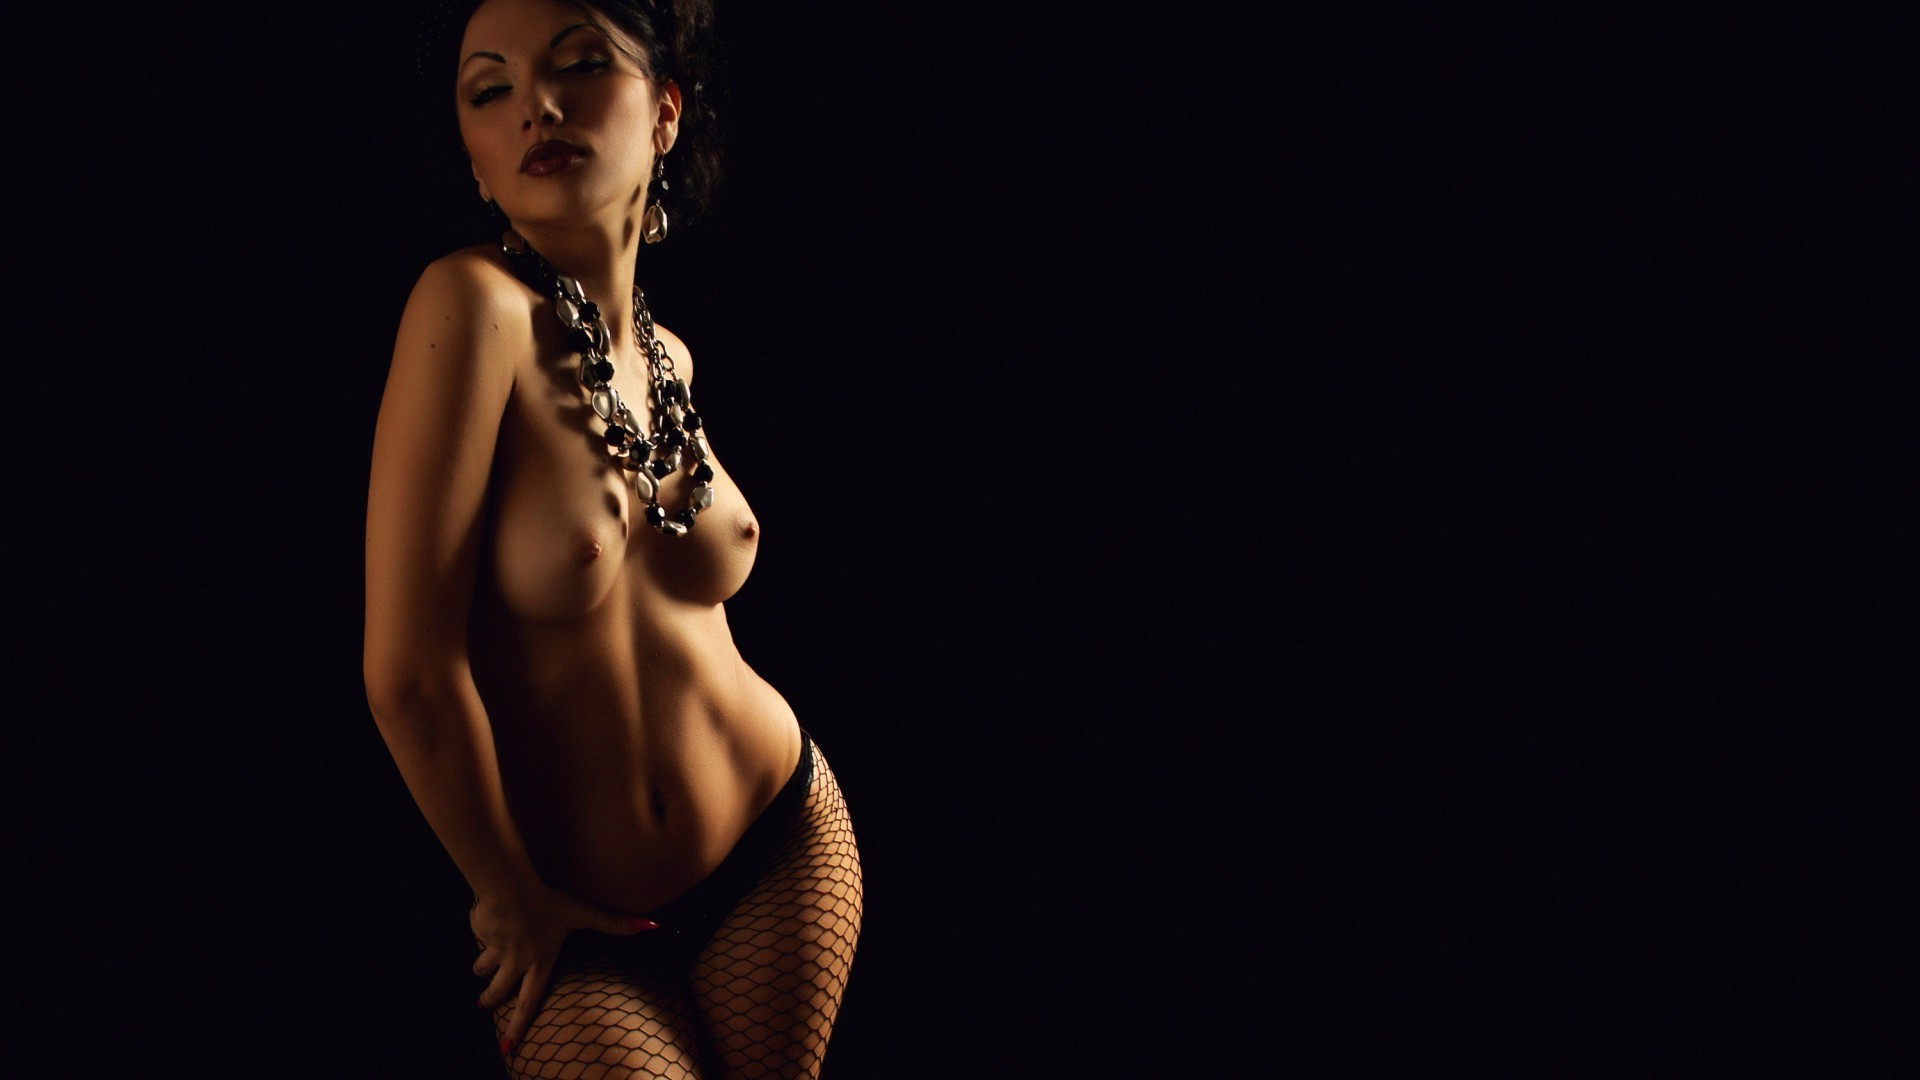 foto-erotika-v-horoshem-kachestve-podrugu